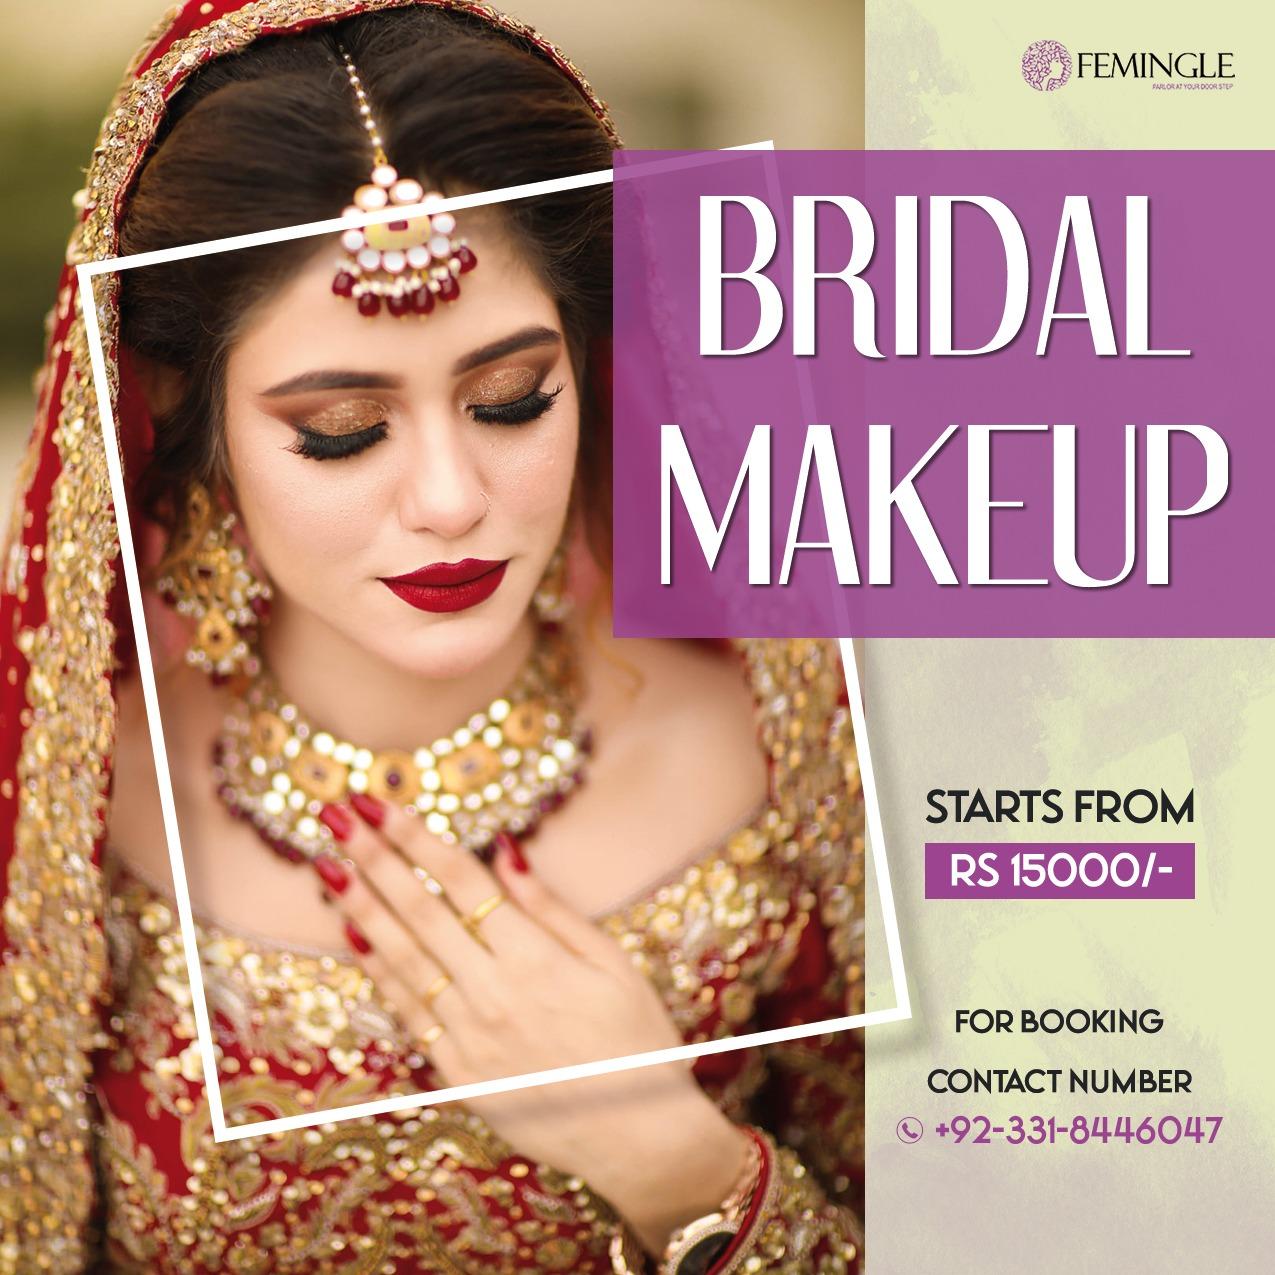 Bridal Makeup Deal